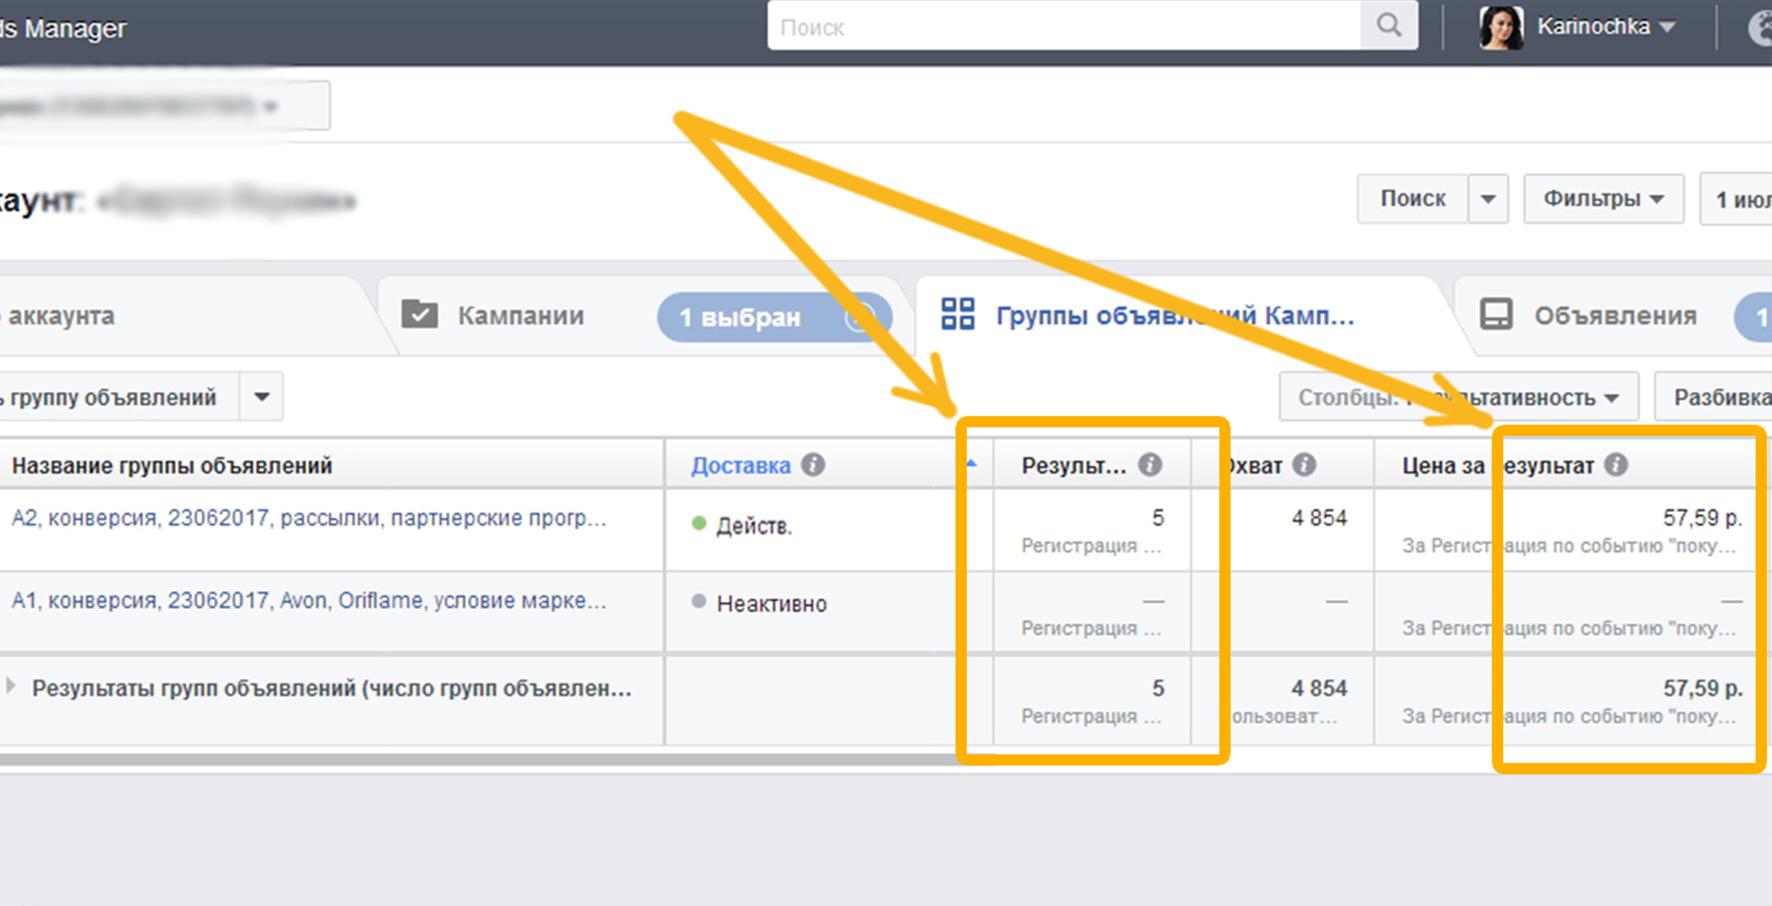 Пример отчета кейса по получению регистраций на марафон по партнерскому маркетингу, с получением дешевых клиентов.